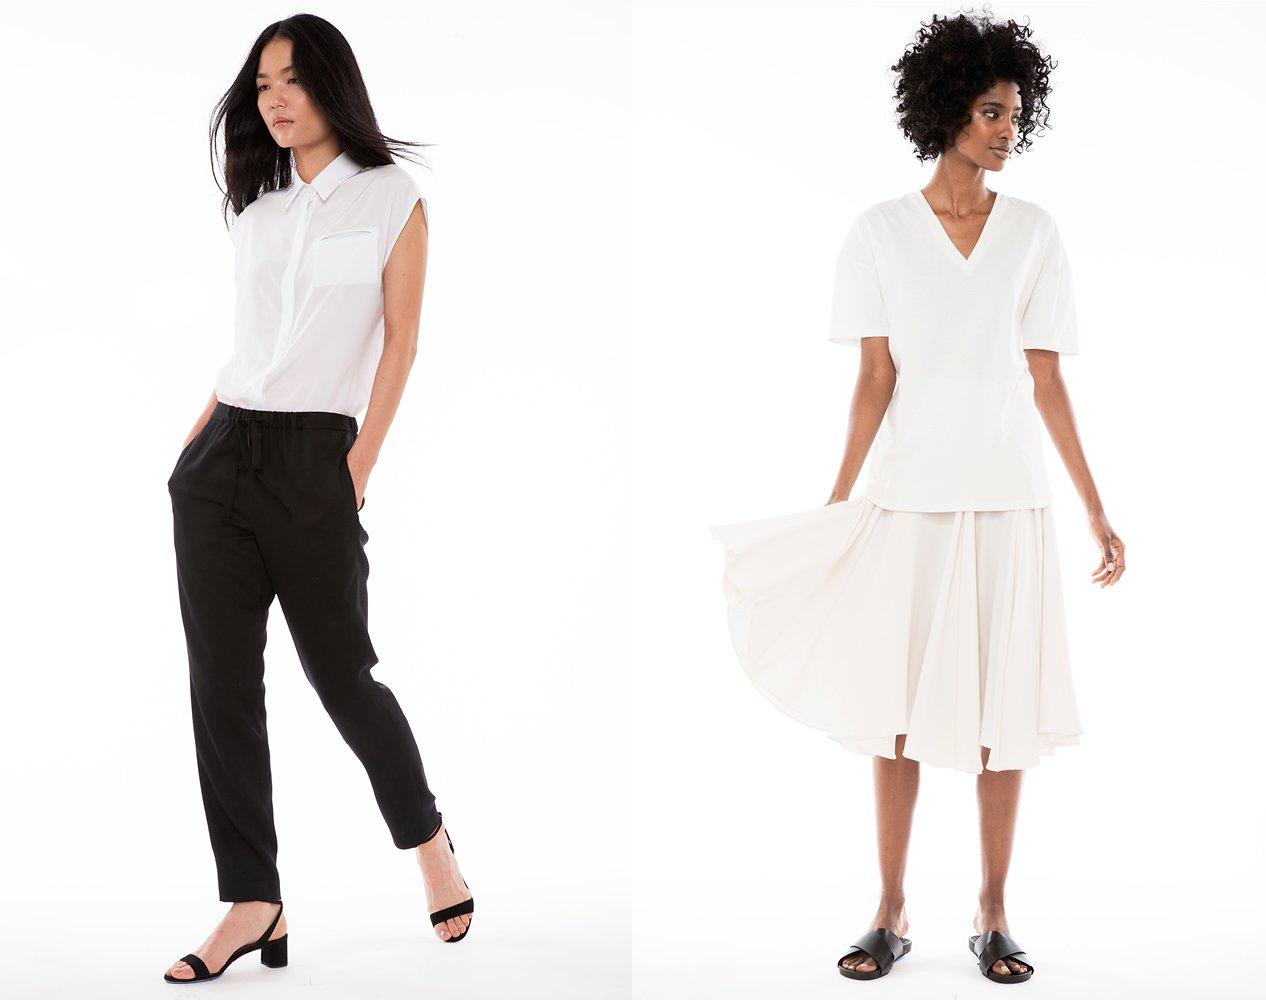 MIIM Designs Zady Vogue